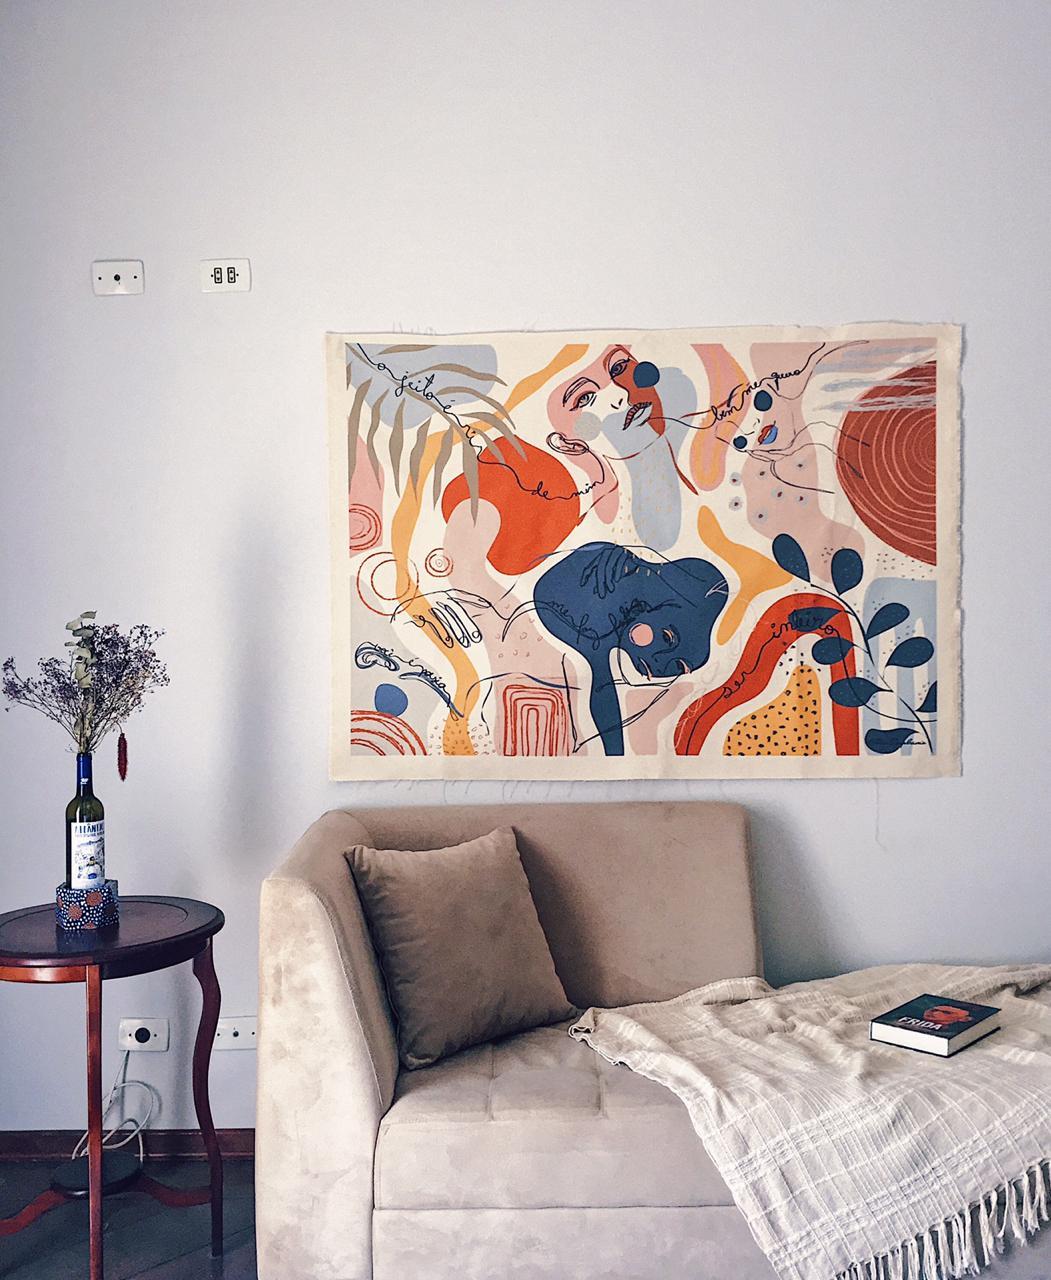 Artista Plástica e Muralista Cláu Epipha